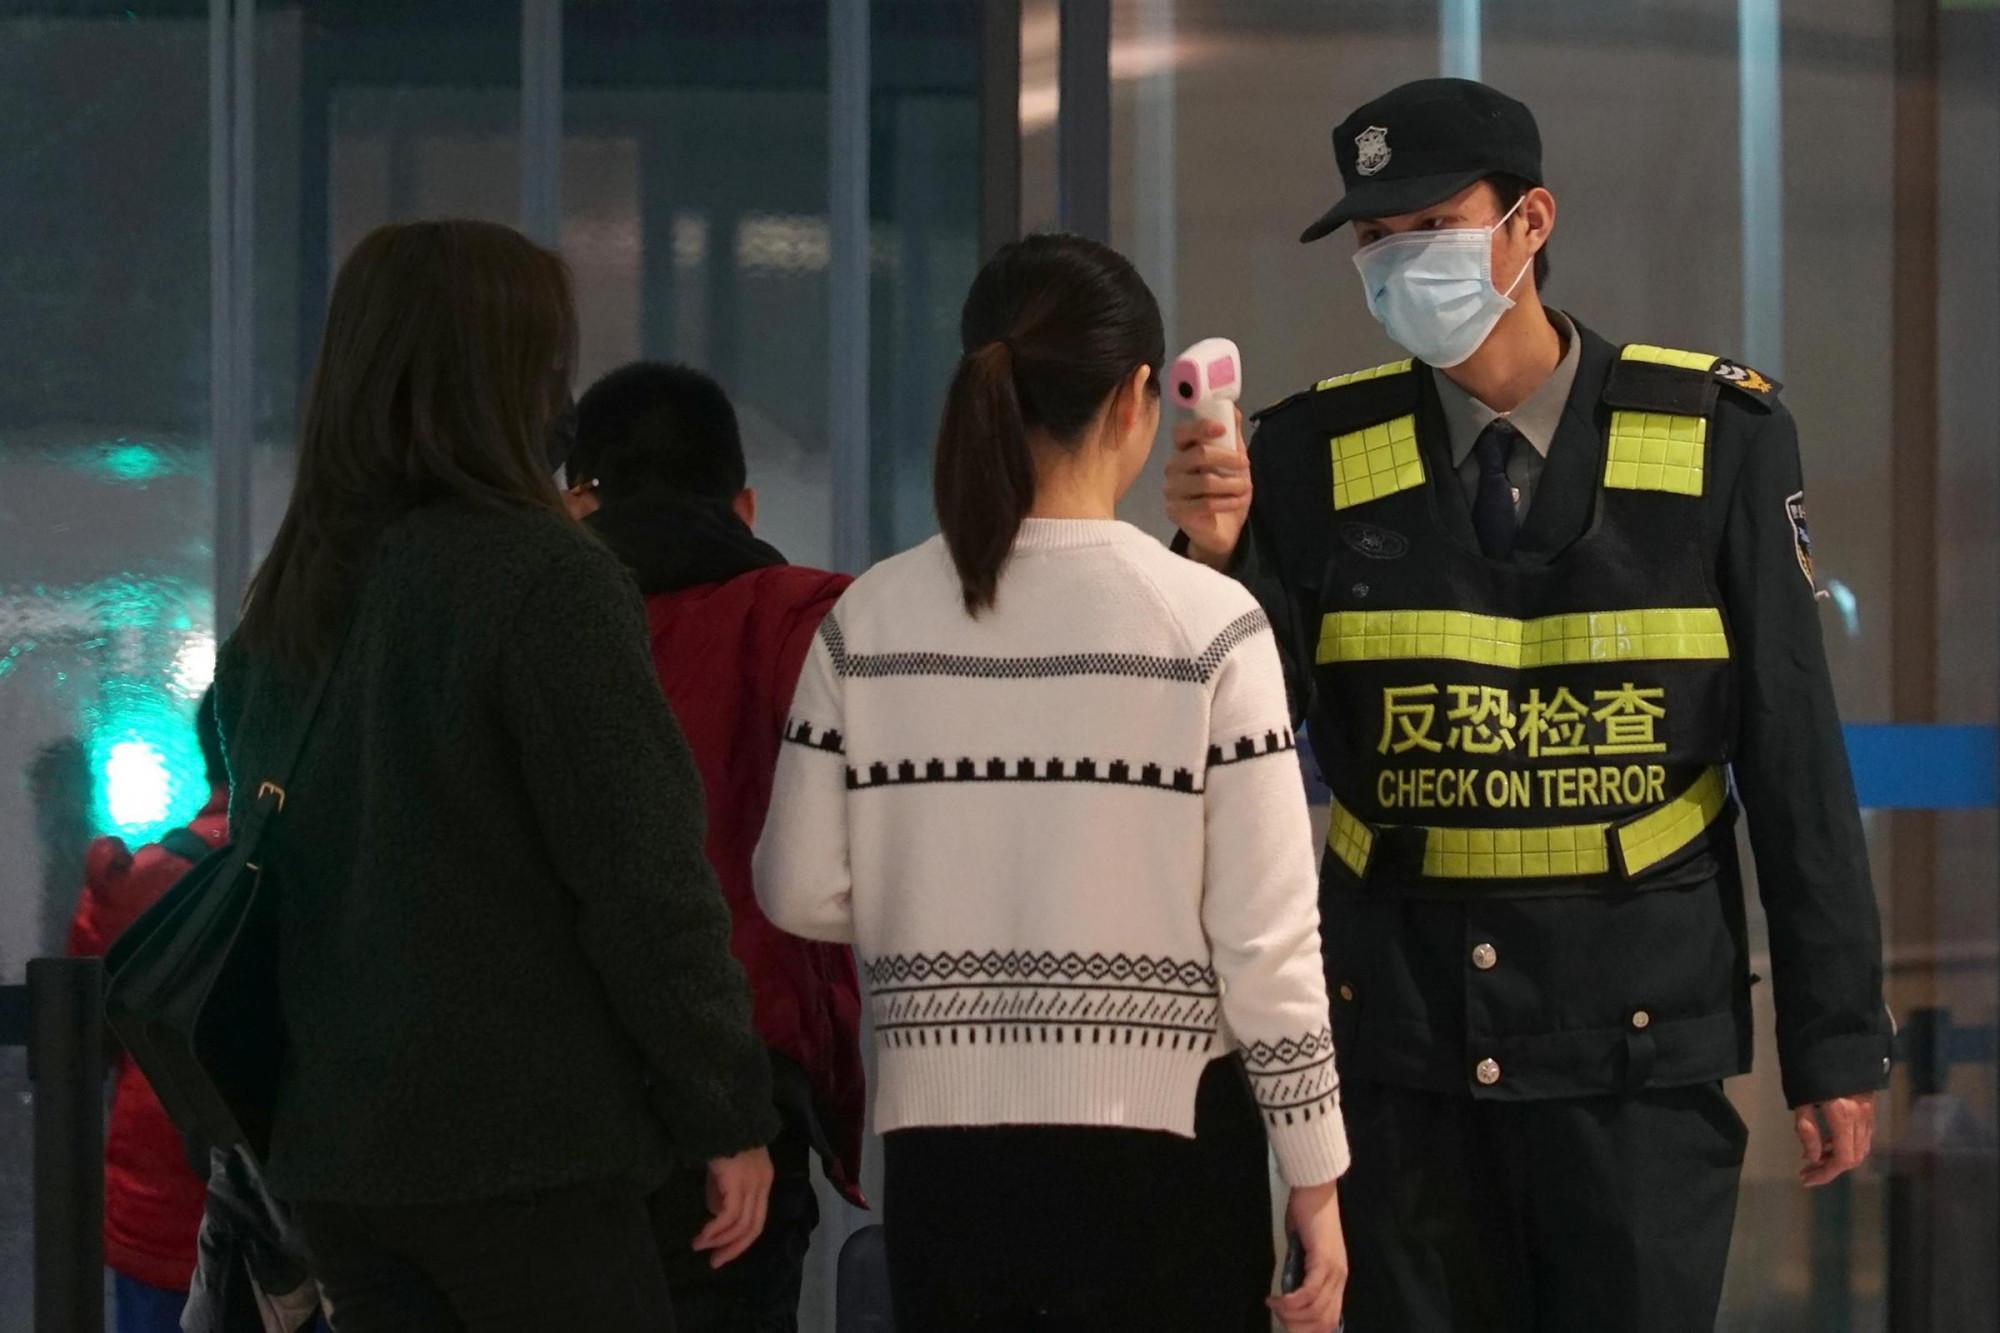 Nhân viên an ninh tăng cường kiểm tra nhiệt độ và sức khỏe hành khách tại các sân bay ở Trung Quốc.